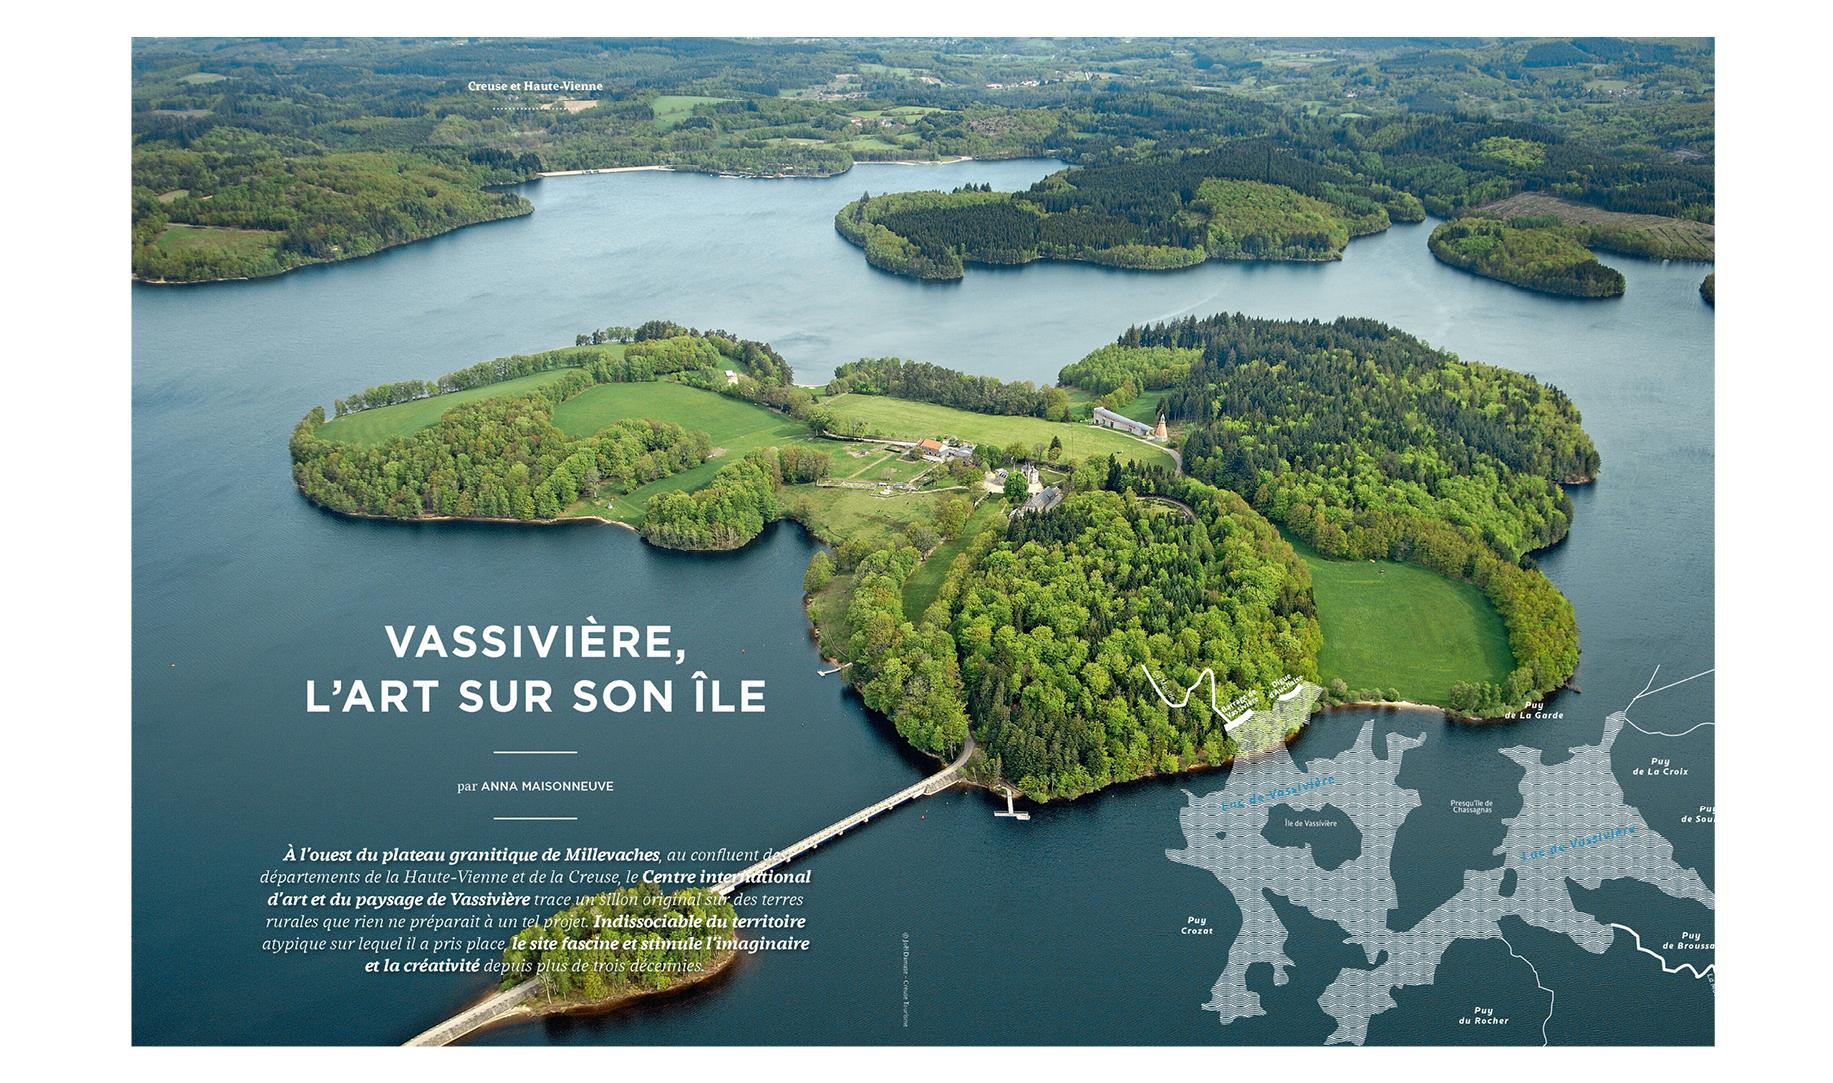 Centre international d'art et du paysage de Vassivière